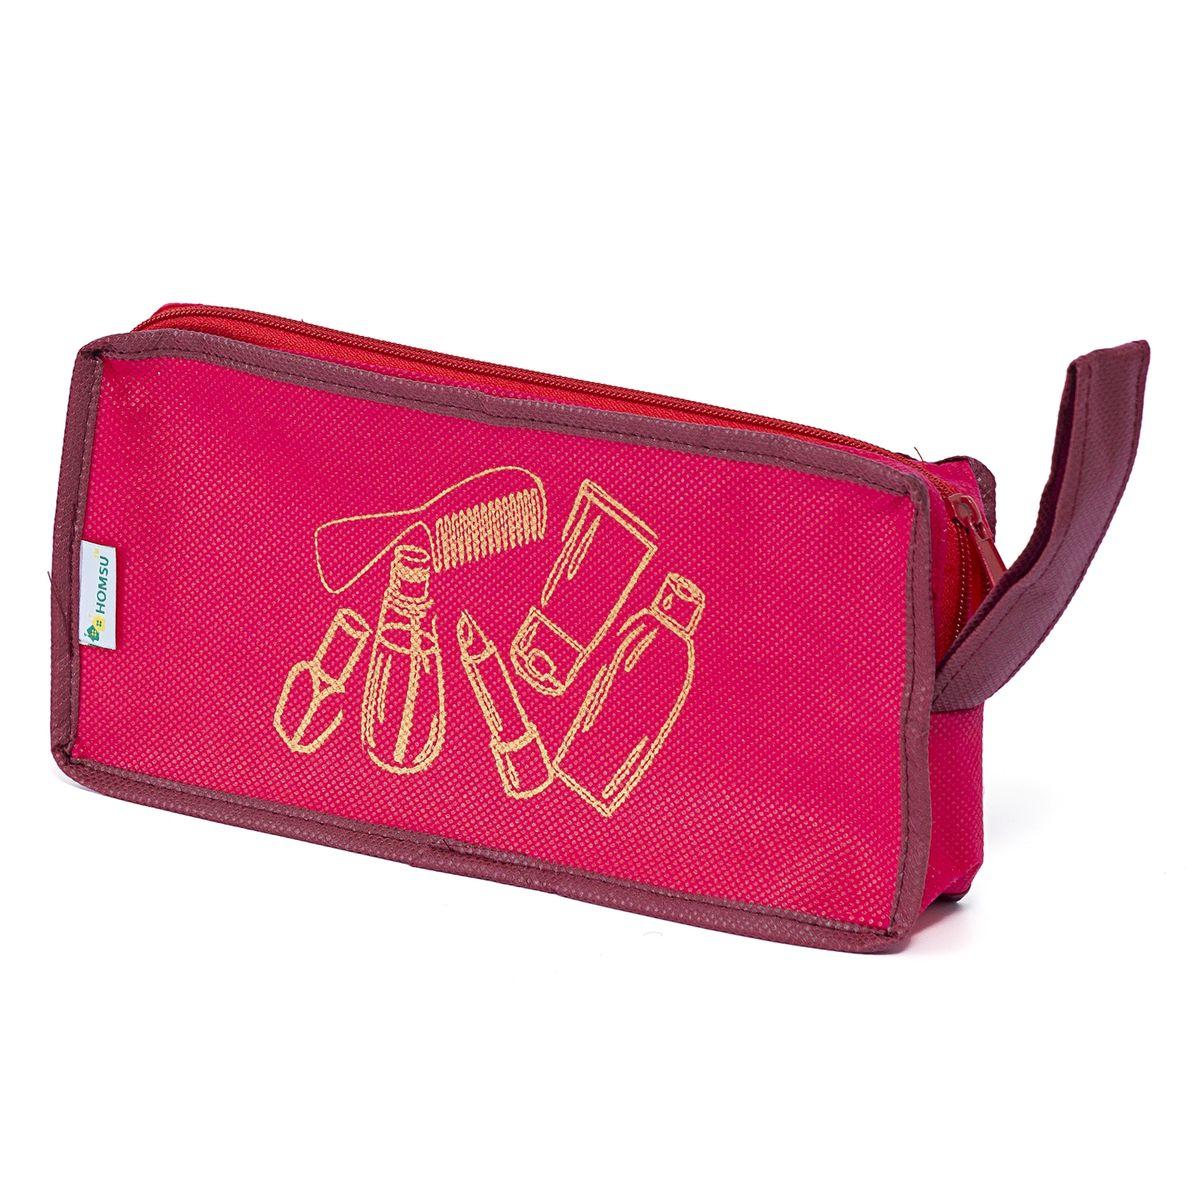 Косметичка Homsu Lady in Red, 25 х 12 х 5 смHOM-657Эта модель косметички не только предоставит много удобства и практичности во время путешествия, но и сможет подчеркнуть своим внешним обликом, индивидуальный стиль своего обладателя. Размер изделия:25x12x5см.